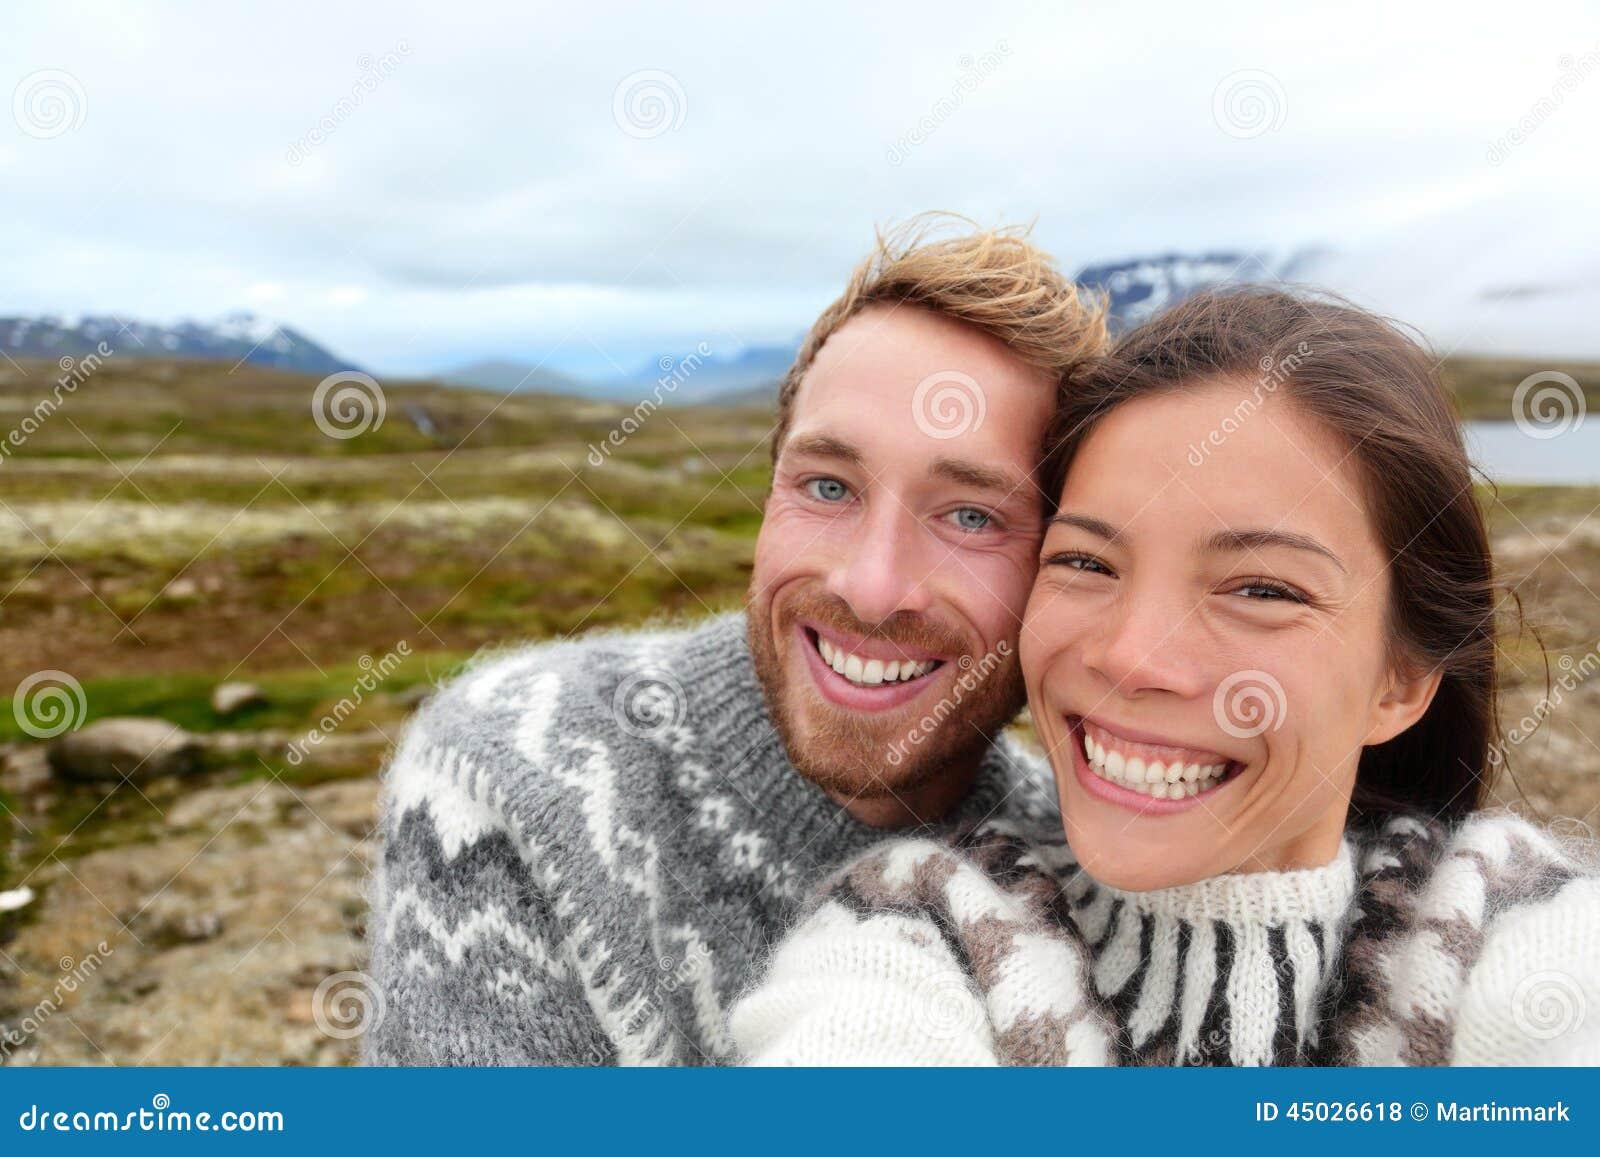 冰岛穿冰岛毛线衣的夫妇selfie